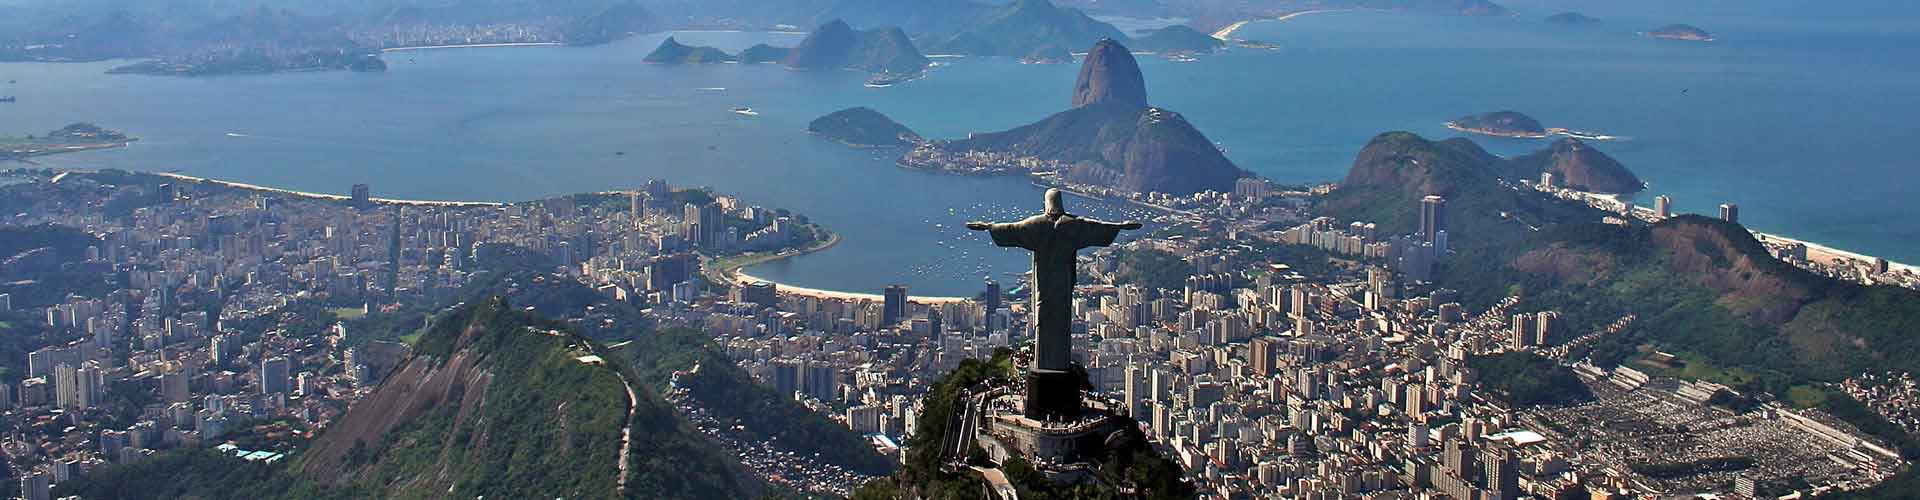 Río de Janeiro - Hoteles baratos cerca a City Center. Mapas de Río de Janeiro, Fotos y comentarios de cada Hotel en Río de Janeiro.